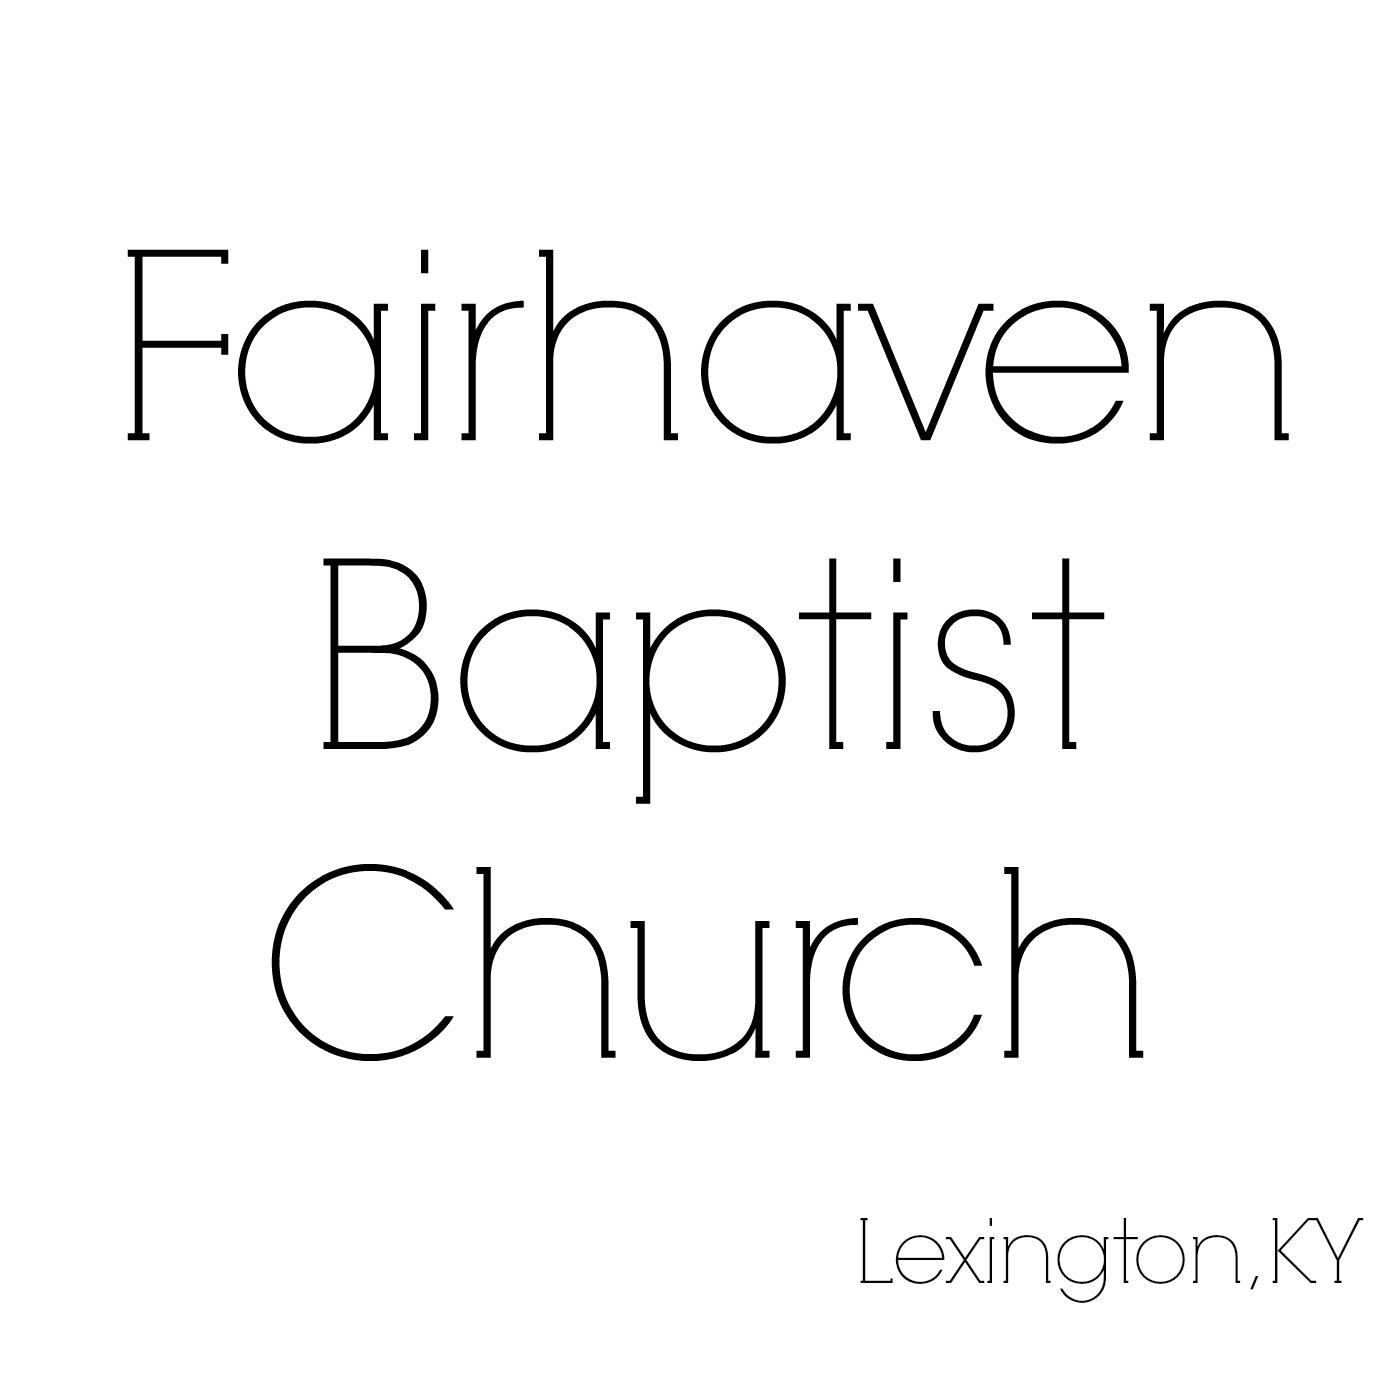 Fairhaven Baptist Church, Lexington KY